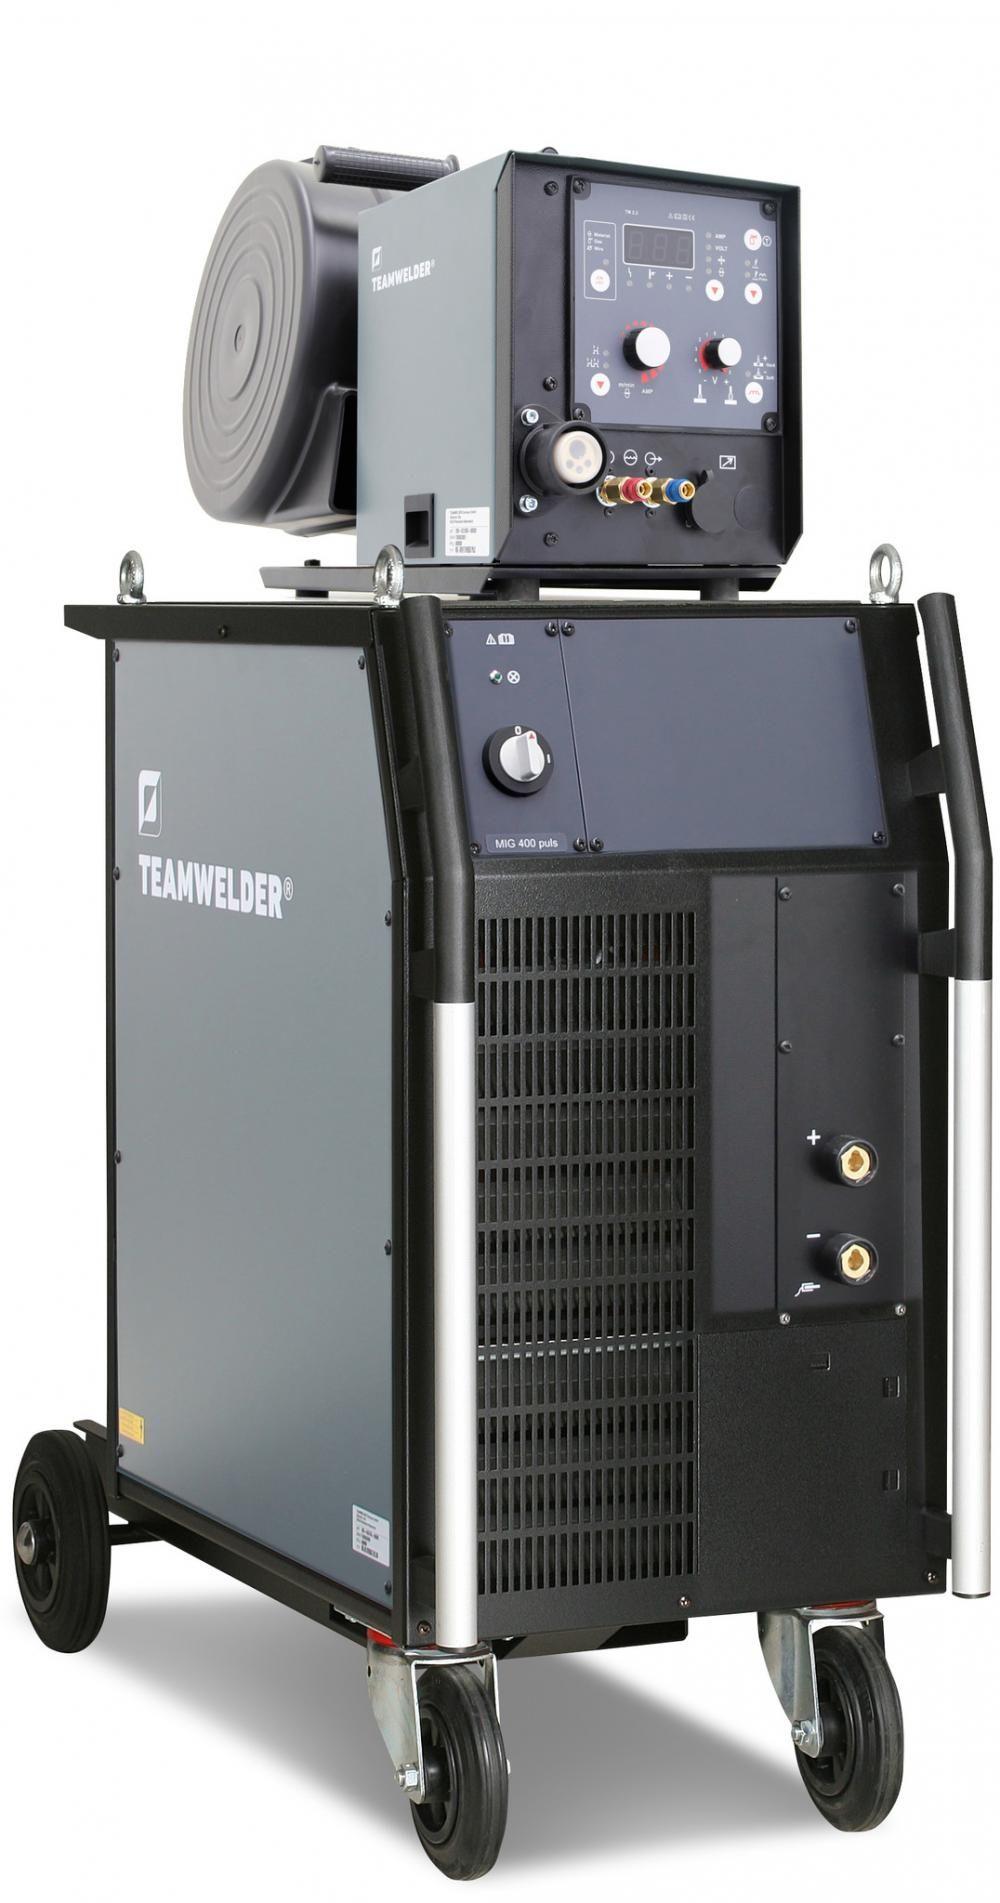 Teamwelder MIG 400 Synergic DW